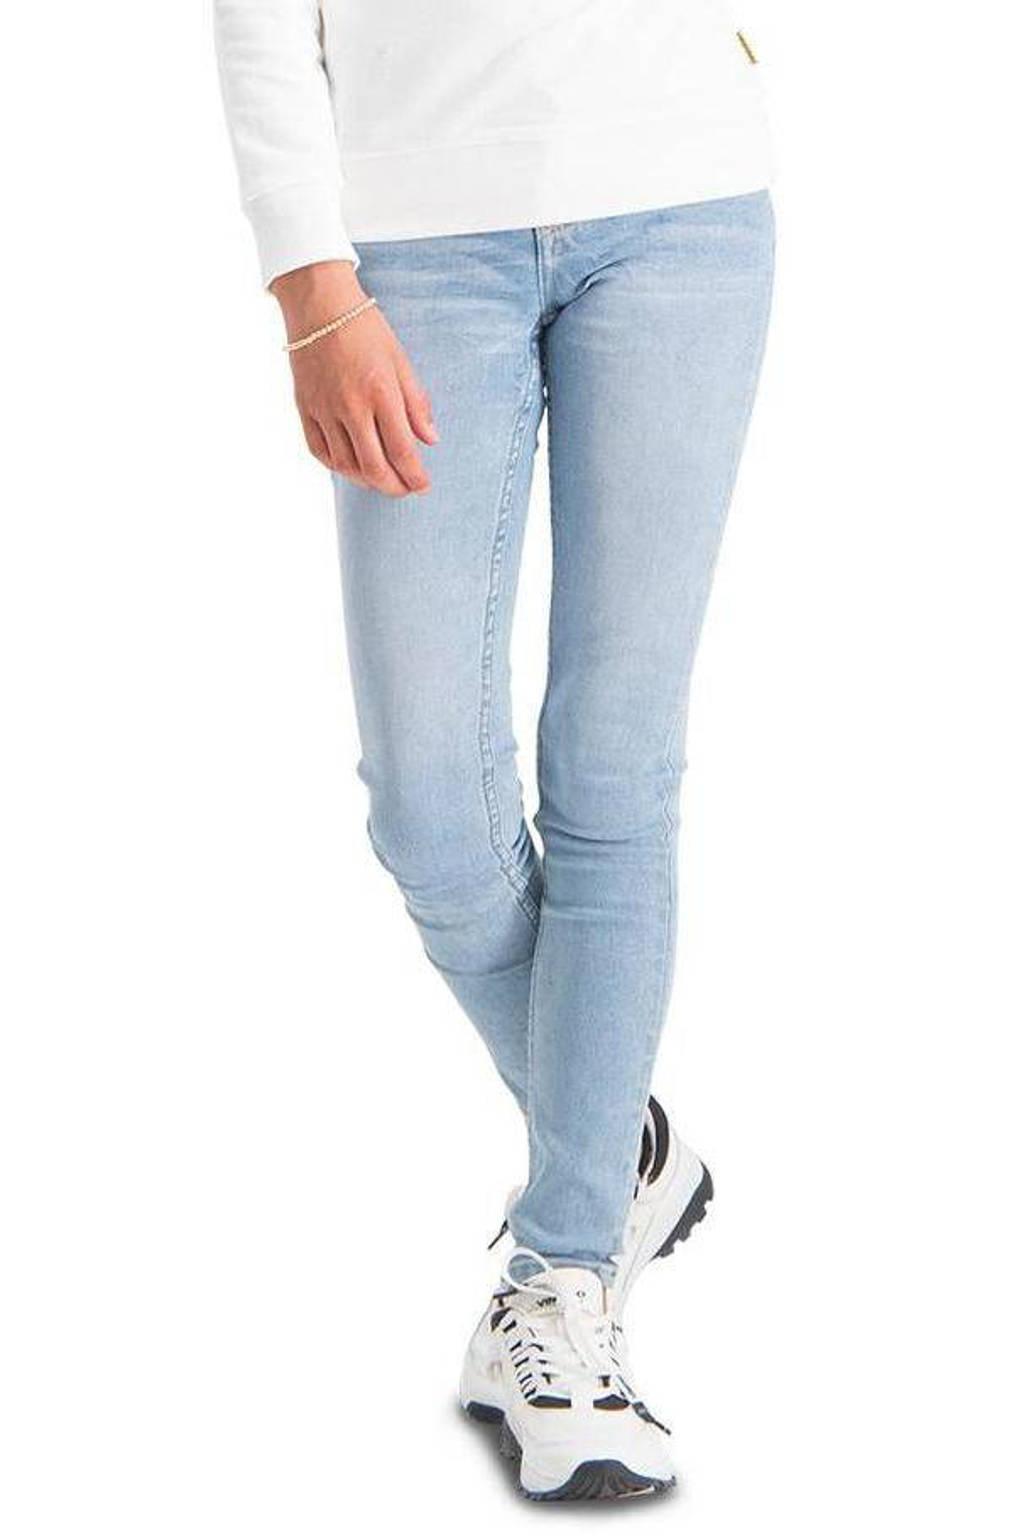 Vingino high waist super skinny jeans Belize mid blue wash, Mid Blue Wash